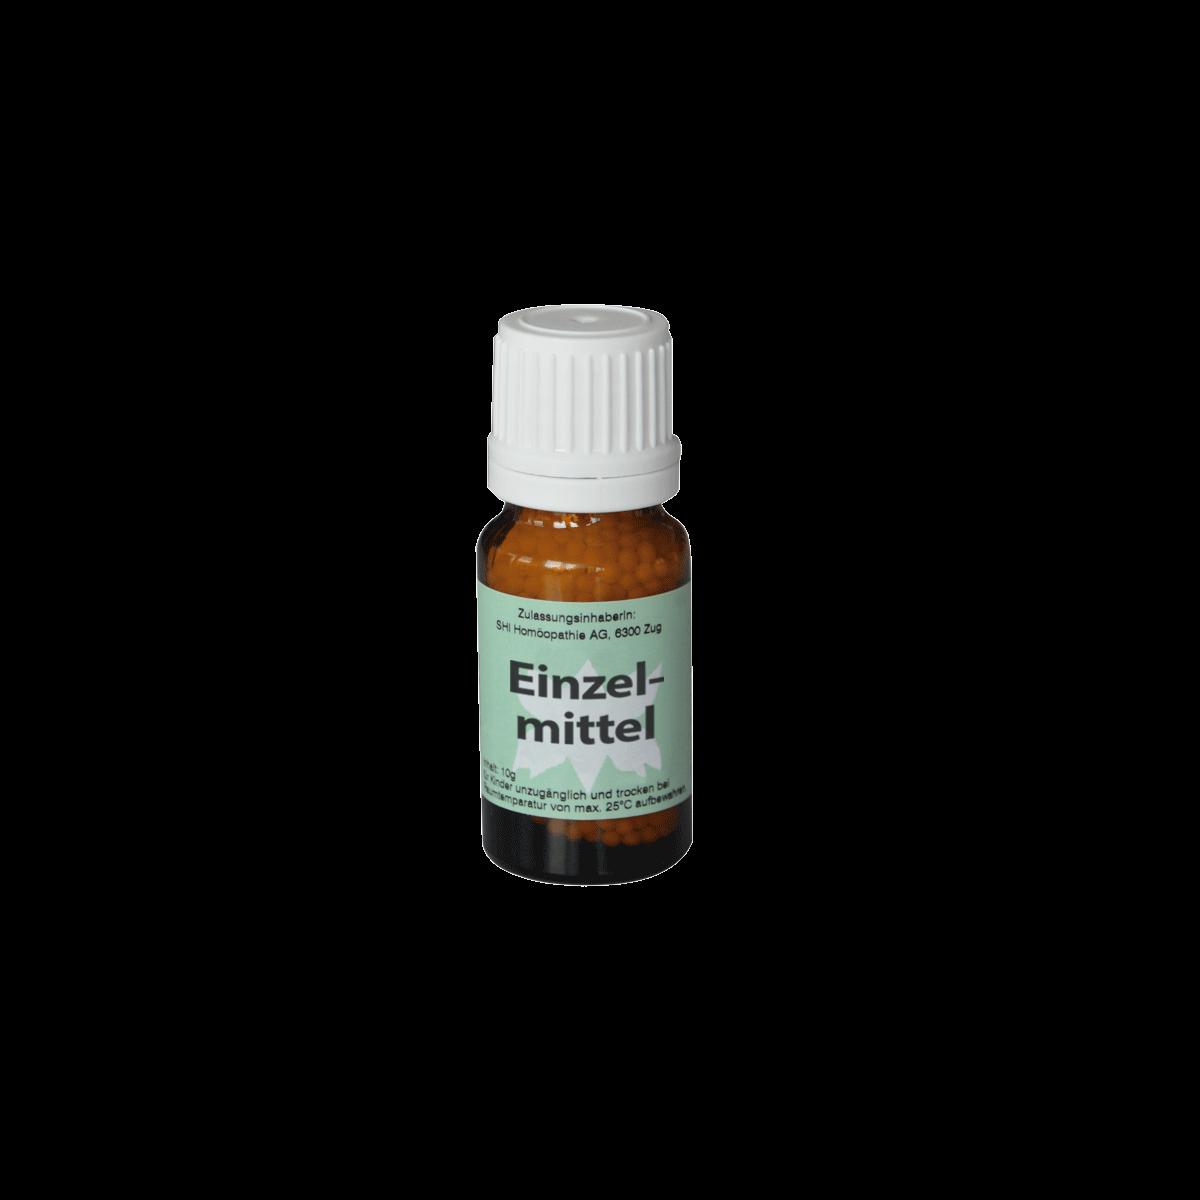 Acidum muriaticum